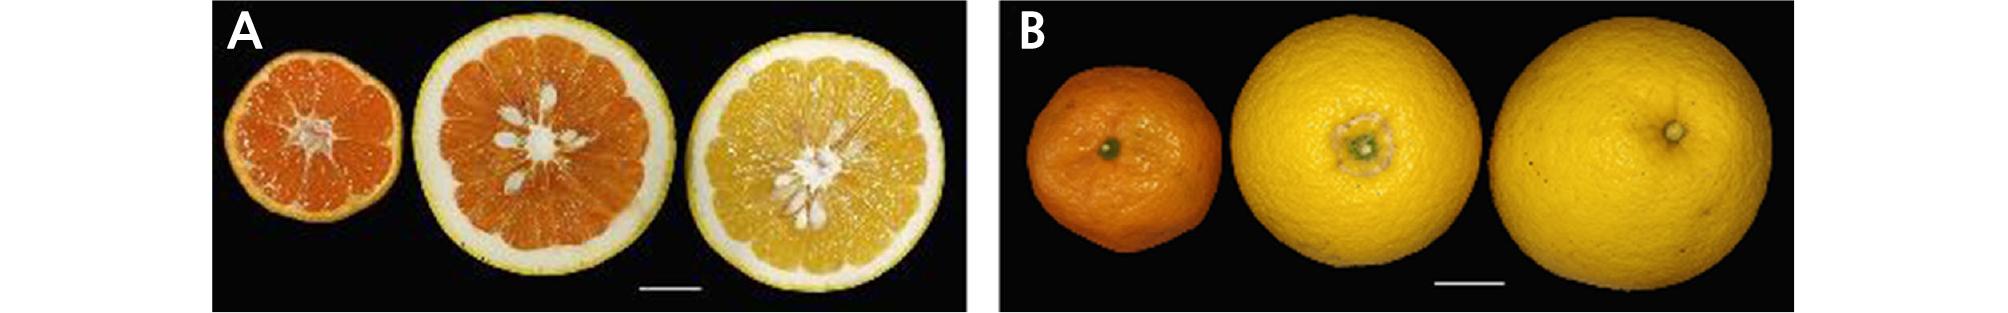 http://static.apub.kr/journalsite/sites/kshs/2020-038-01/N0130380111/images/HST_38_01_11_F1.jpg